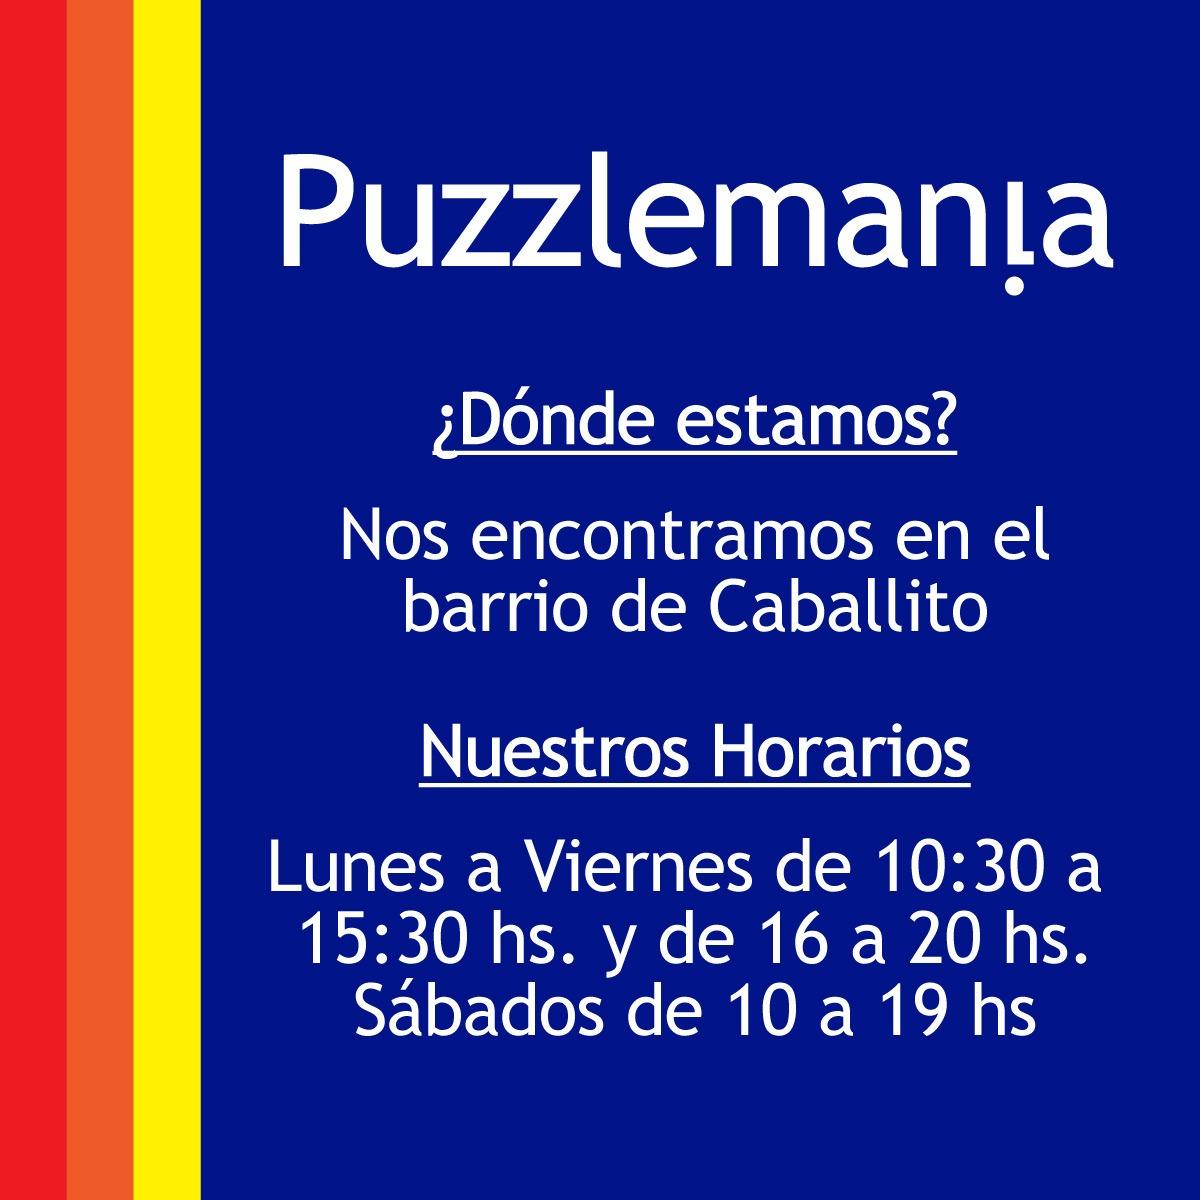 Hermosa Cómo Enmarcar Los Puzzles Sin Cola Bandera - Ideas ...